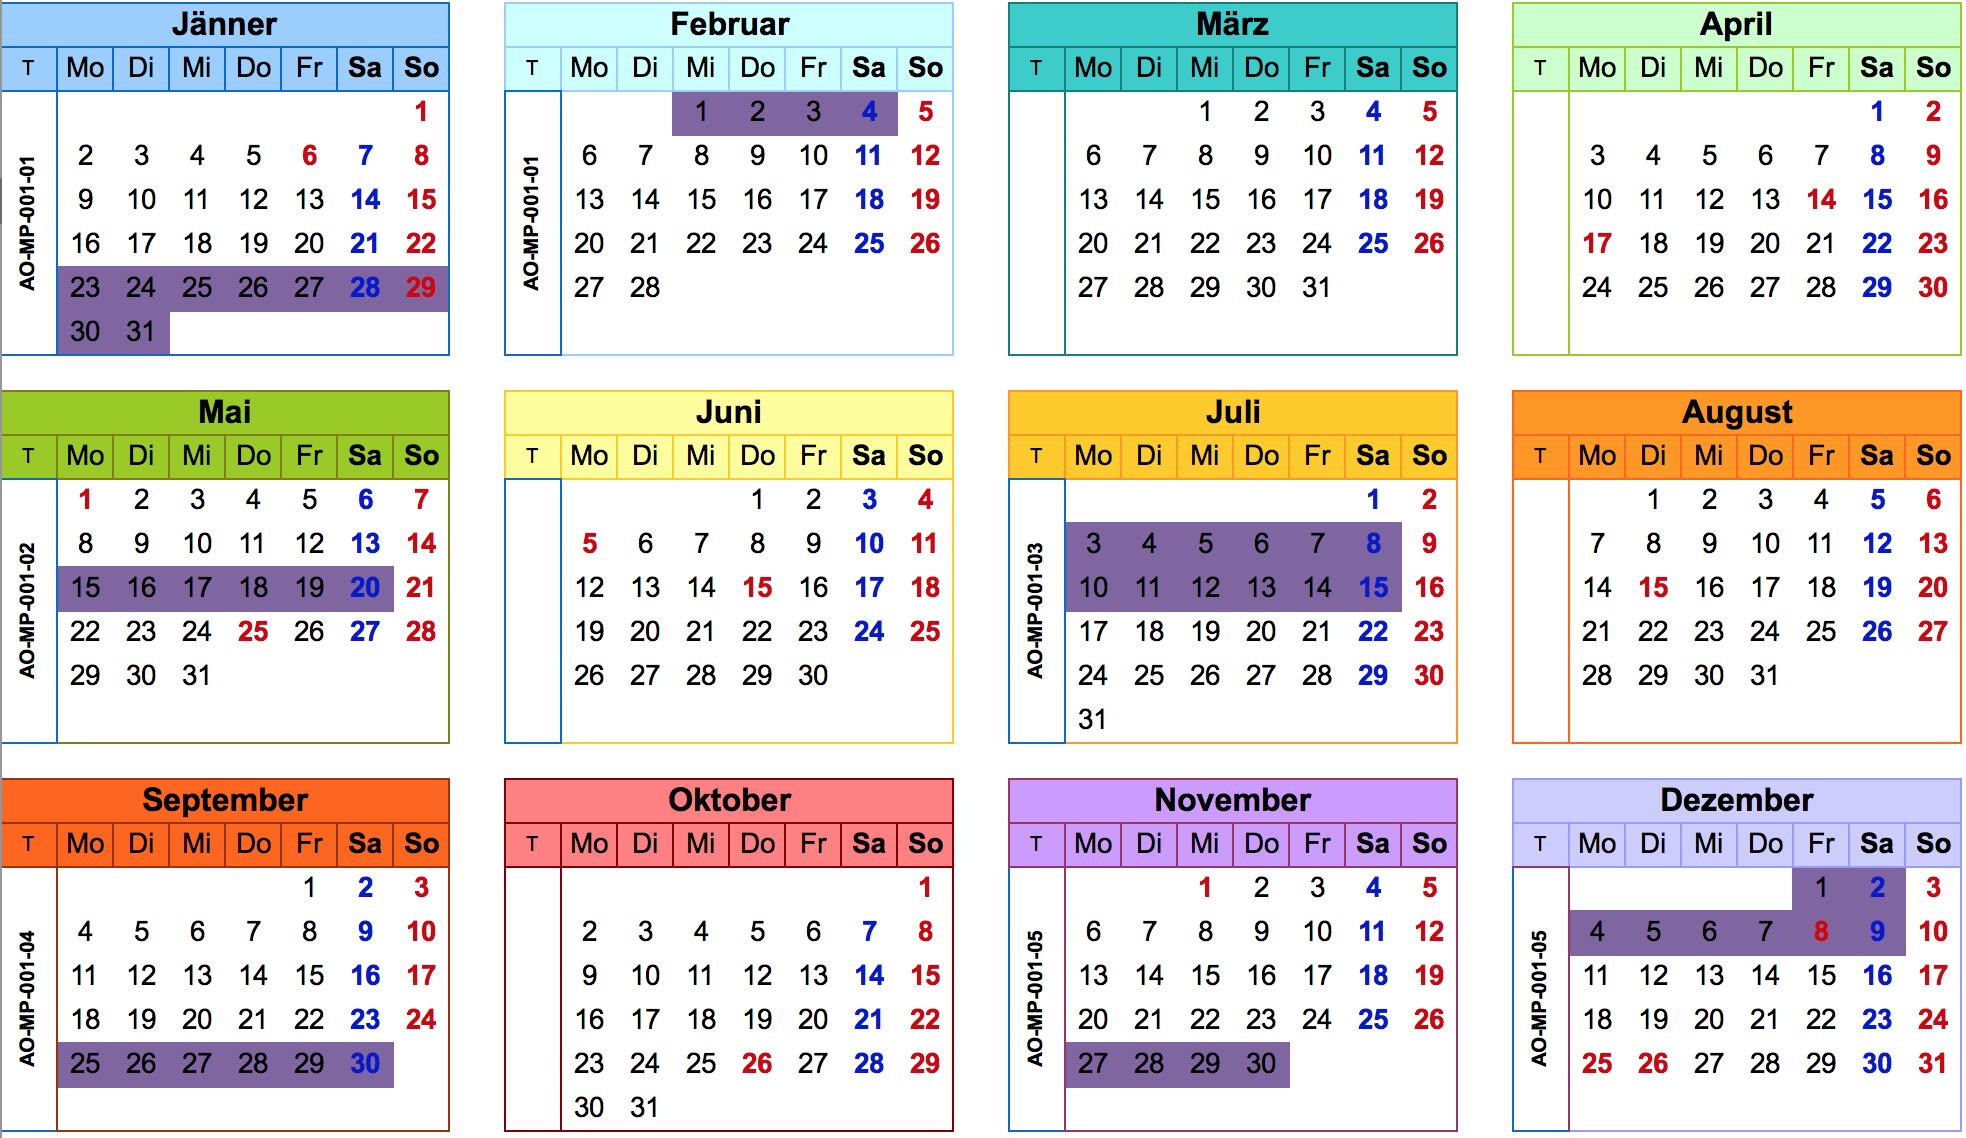 Vorbereitungslehrgang Augenoptikermeister Kalender 2017